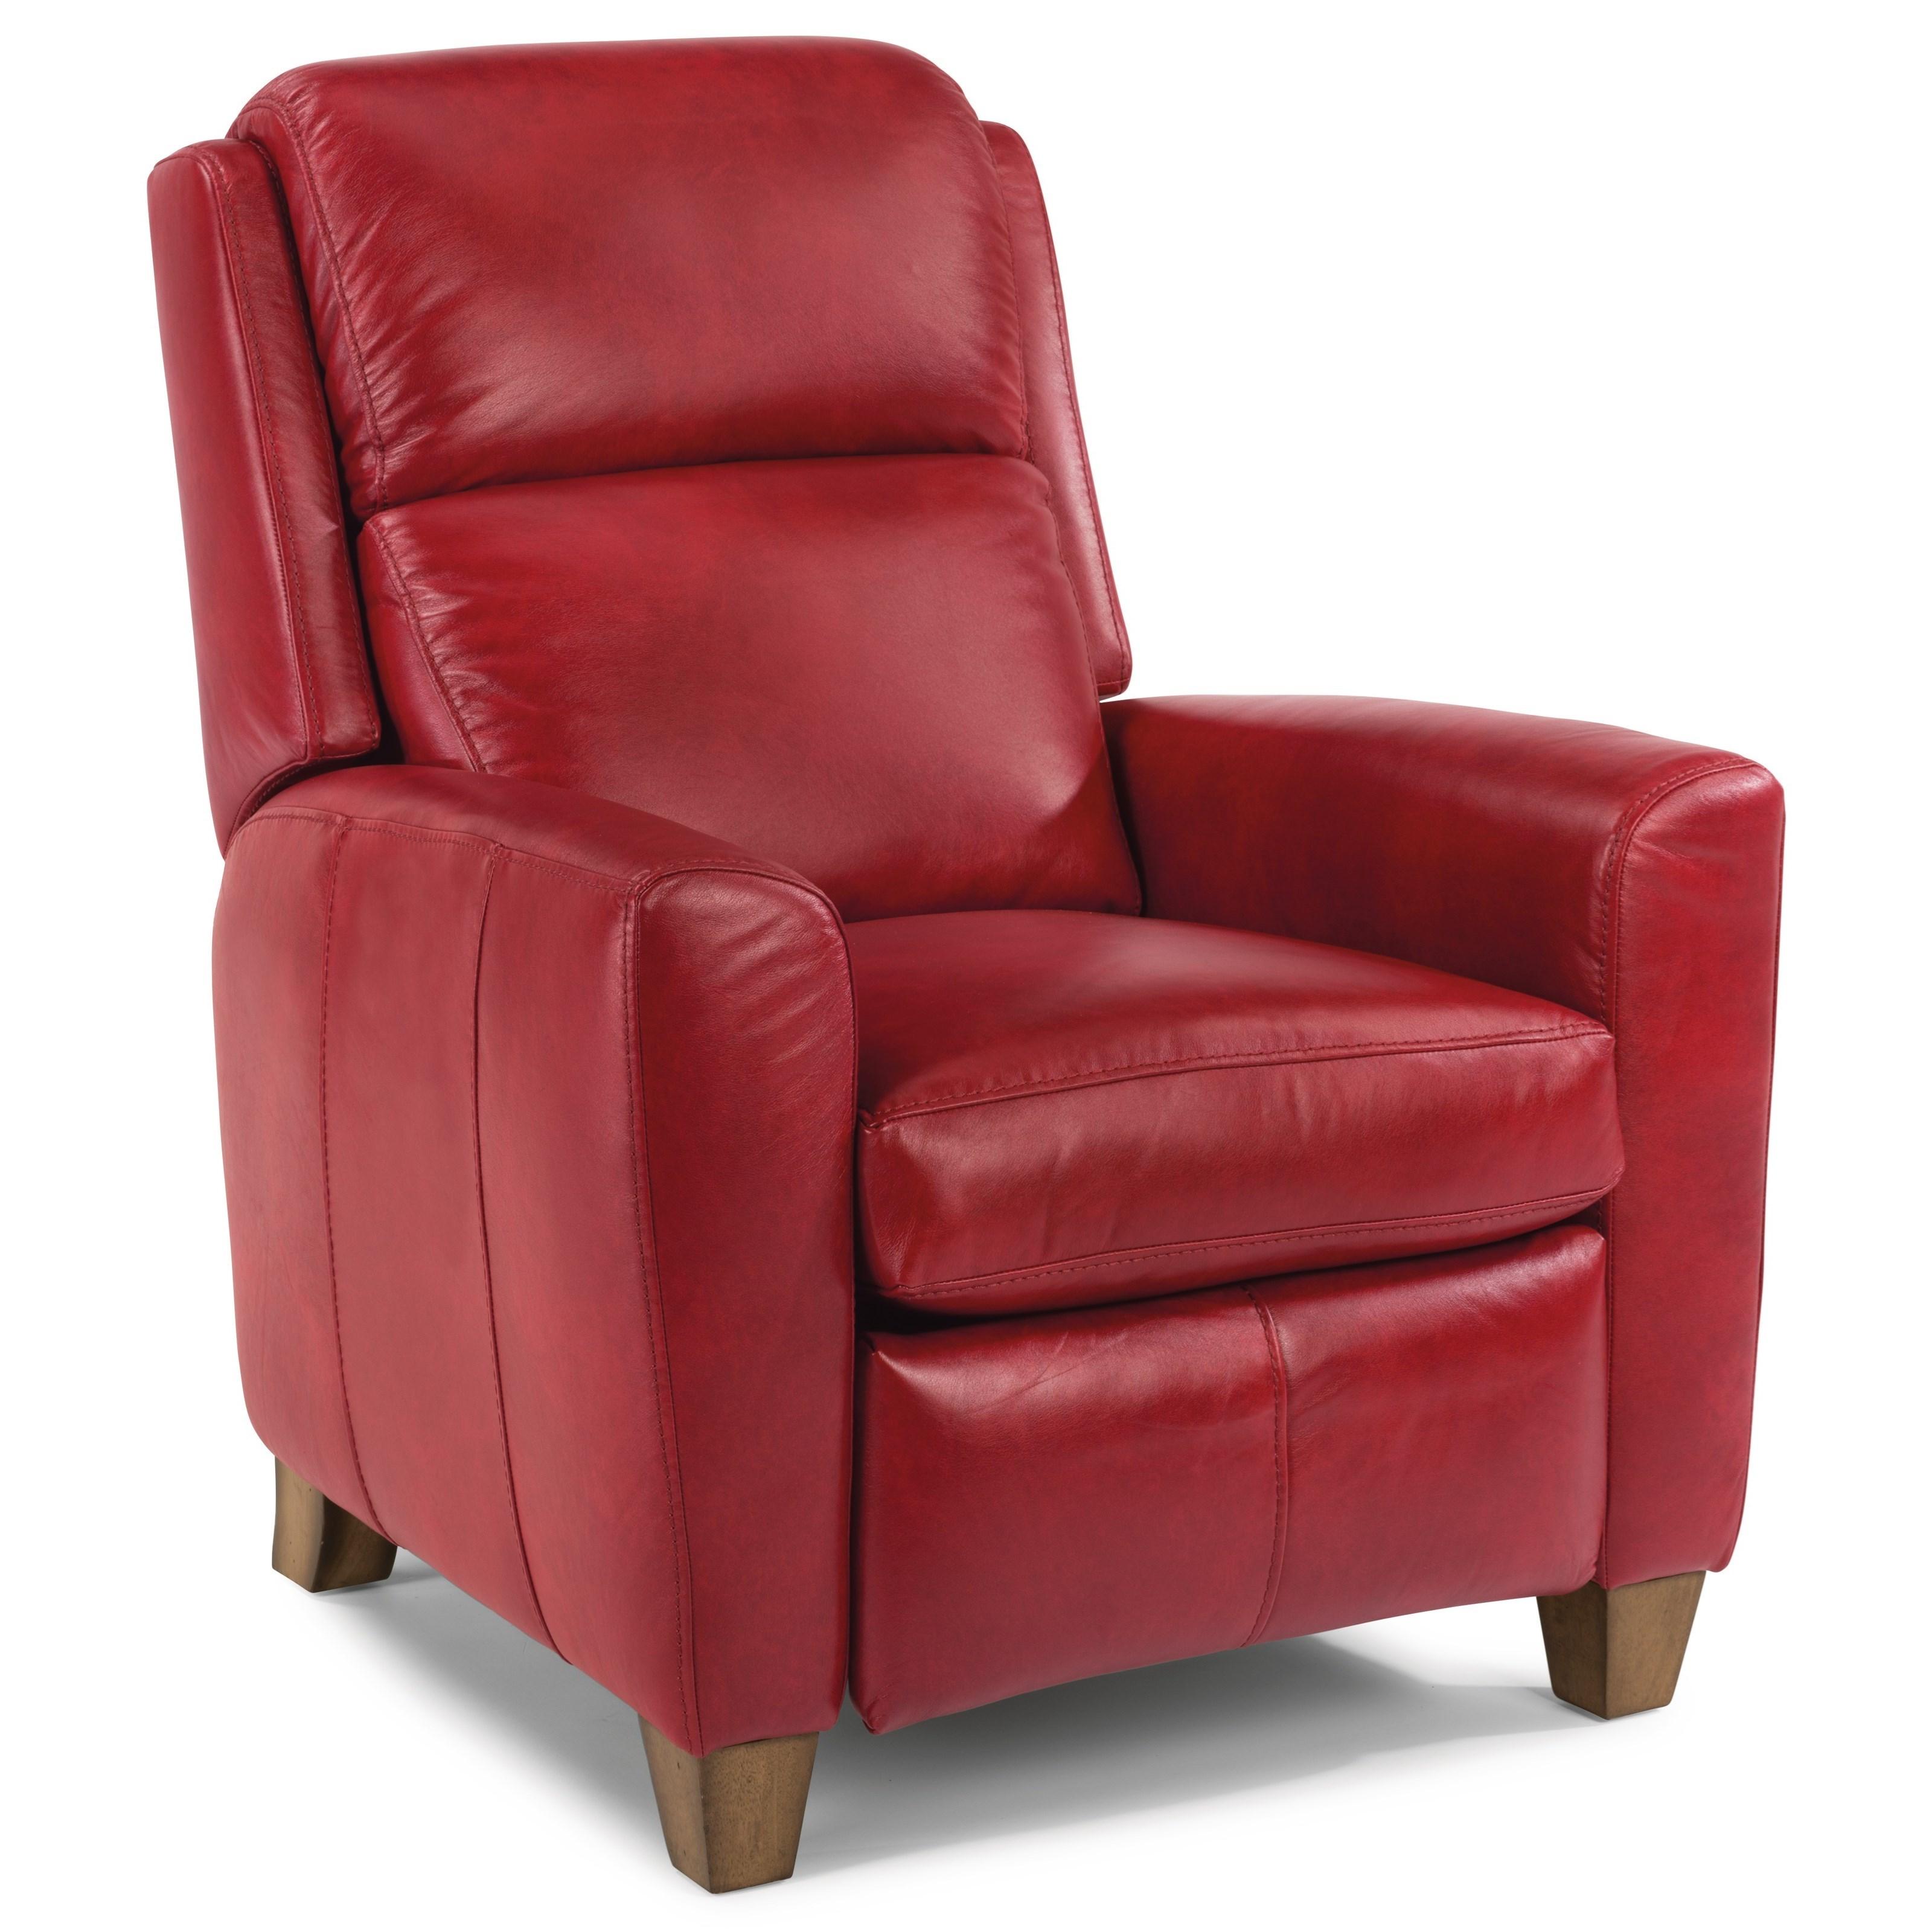 Astounding Dion Power High Leg Recliner Uwap Interior Chair Design Uwaporg